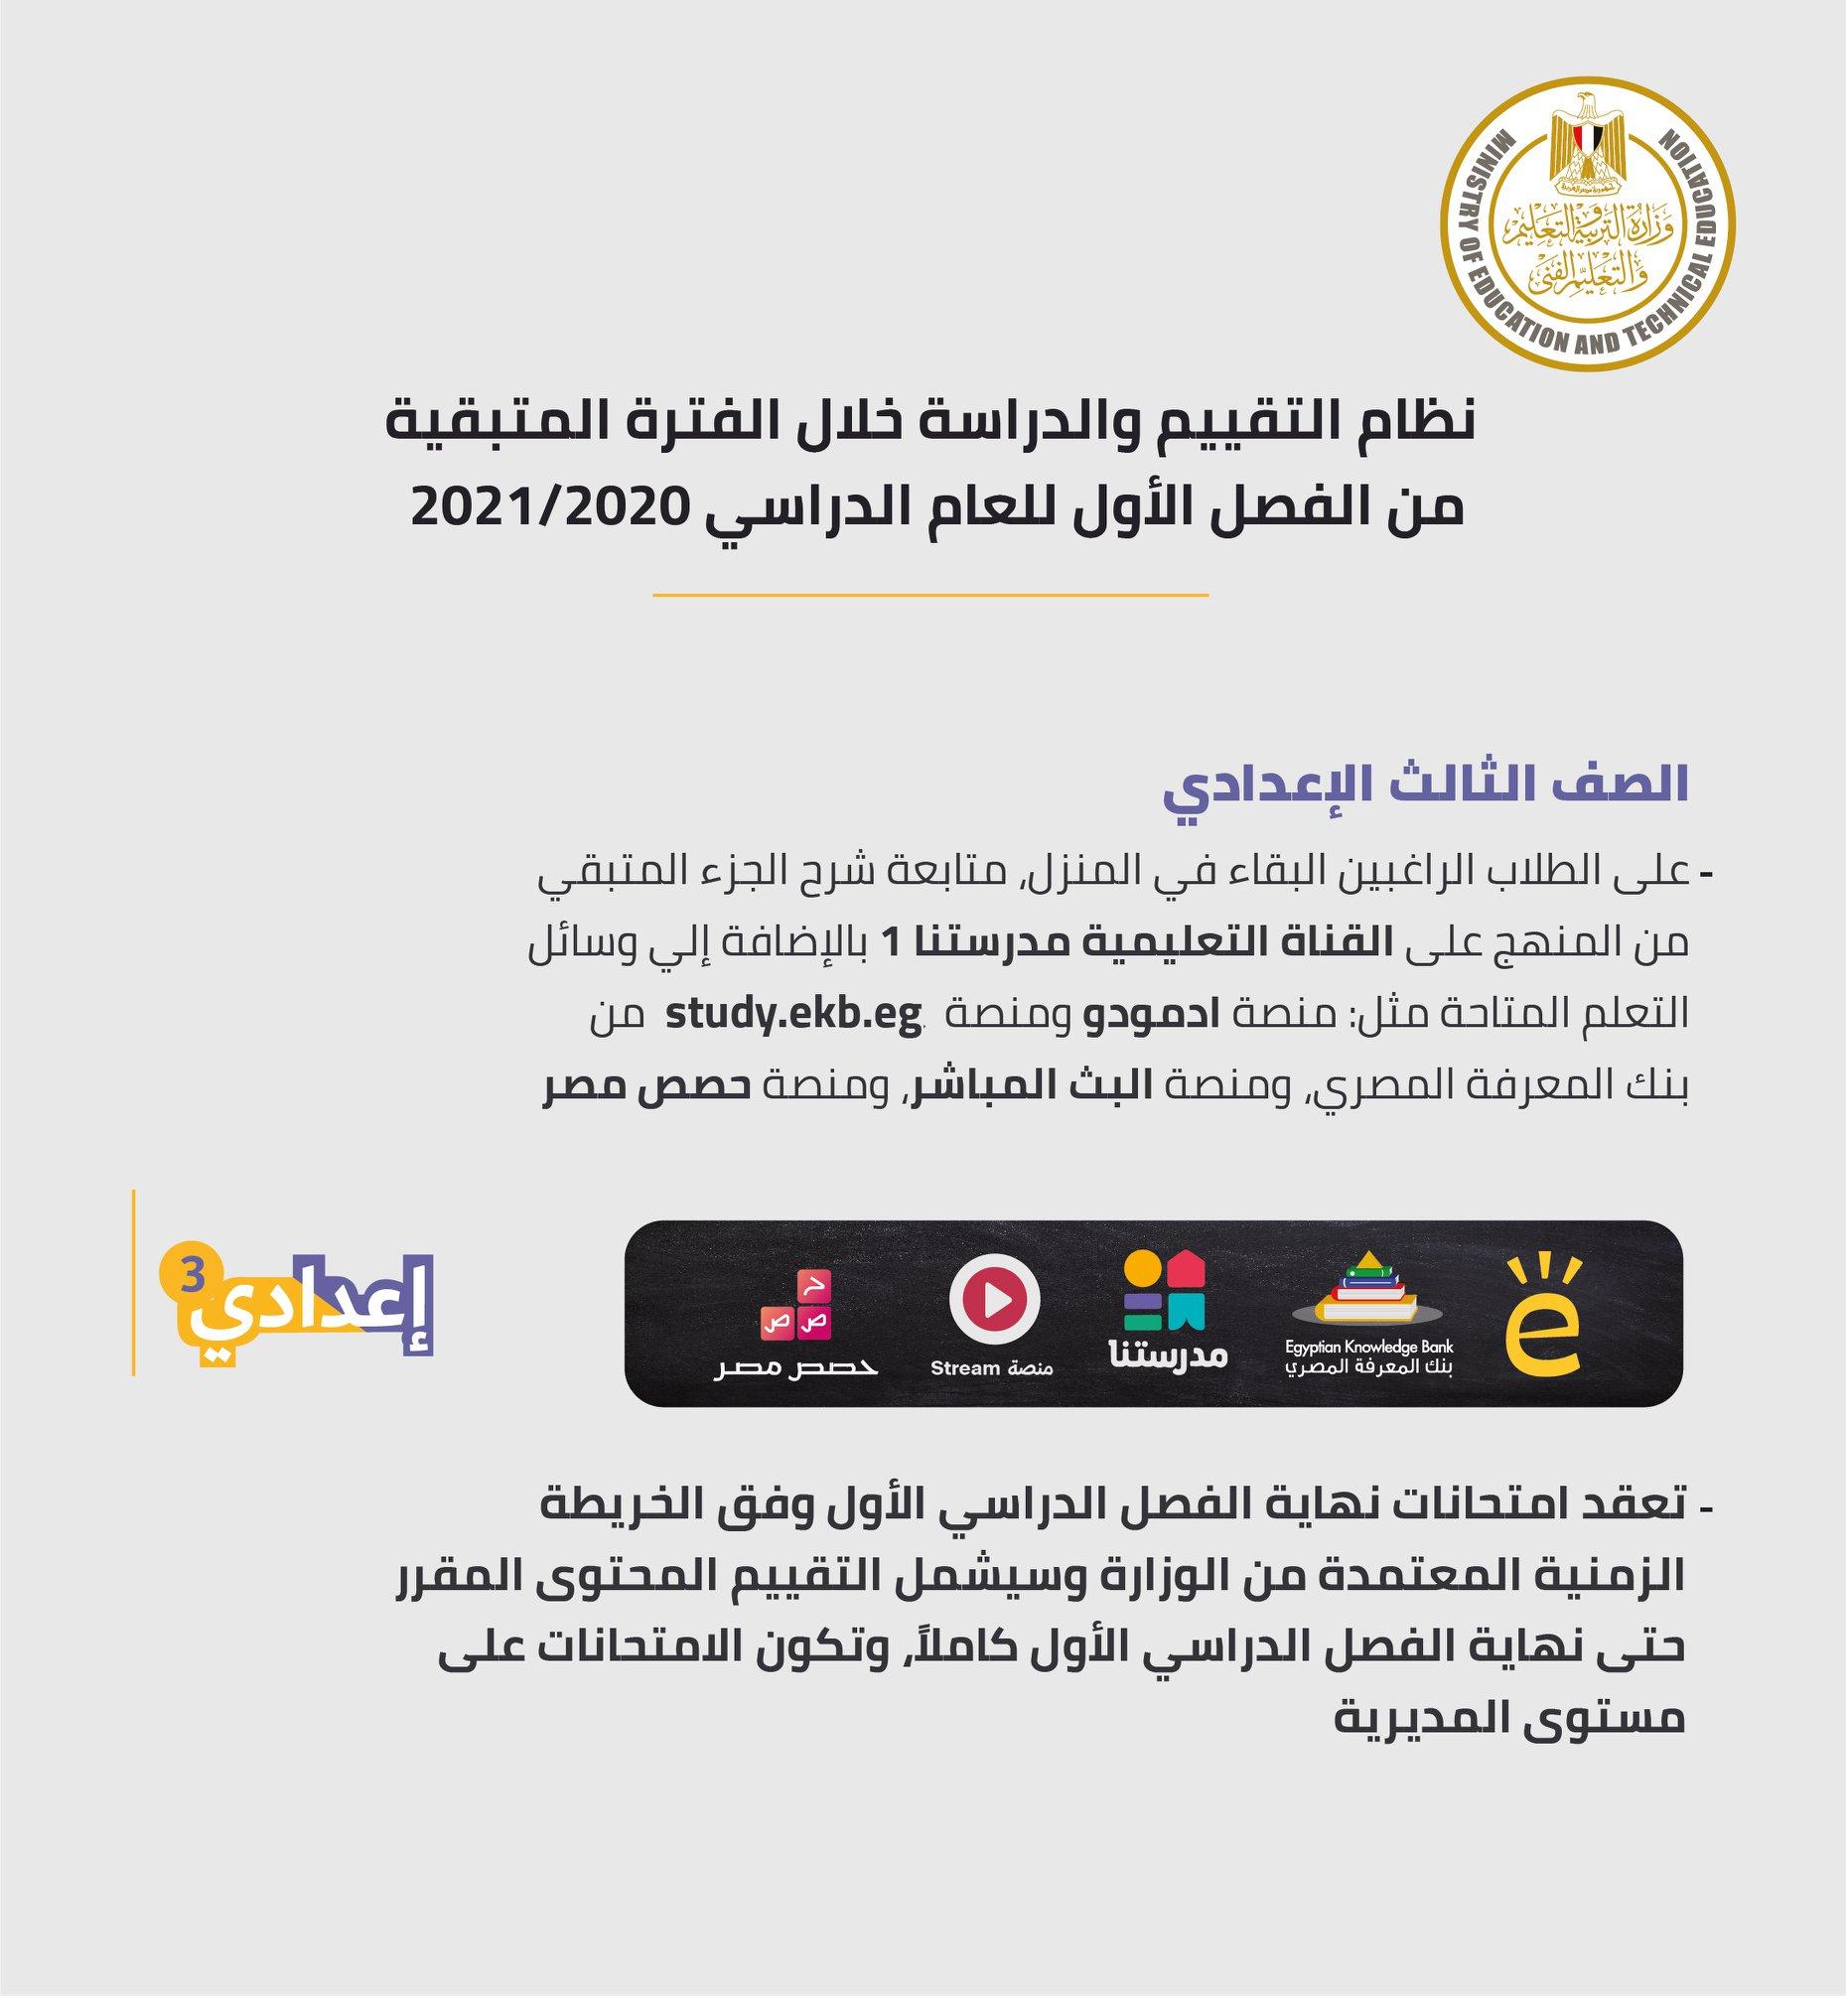 وزير التربية والتعليم يصدر 10 قرارات جديدة لاستكمال الدراسة وموعد جديد لبدء امتحانات سنوات النقل 5